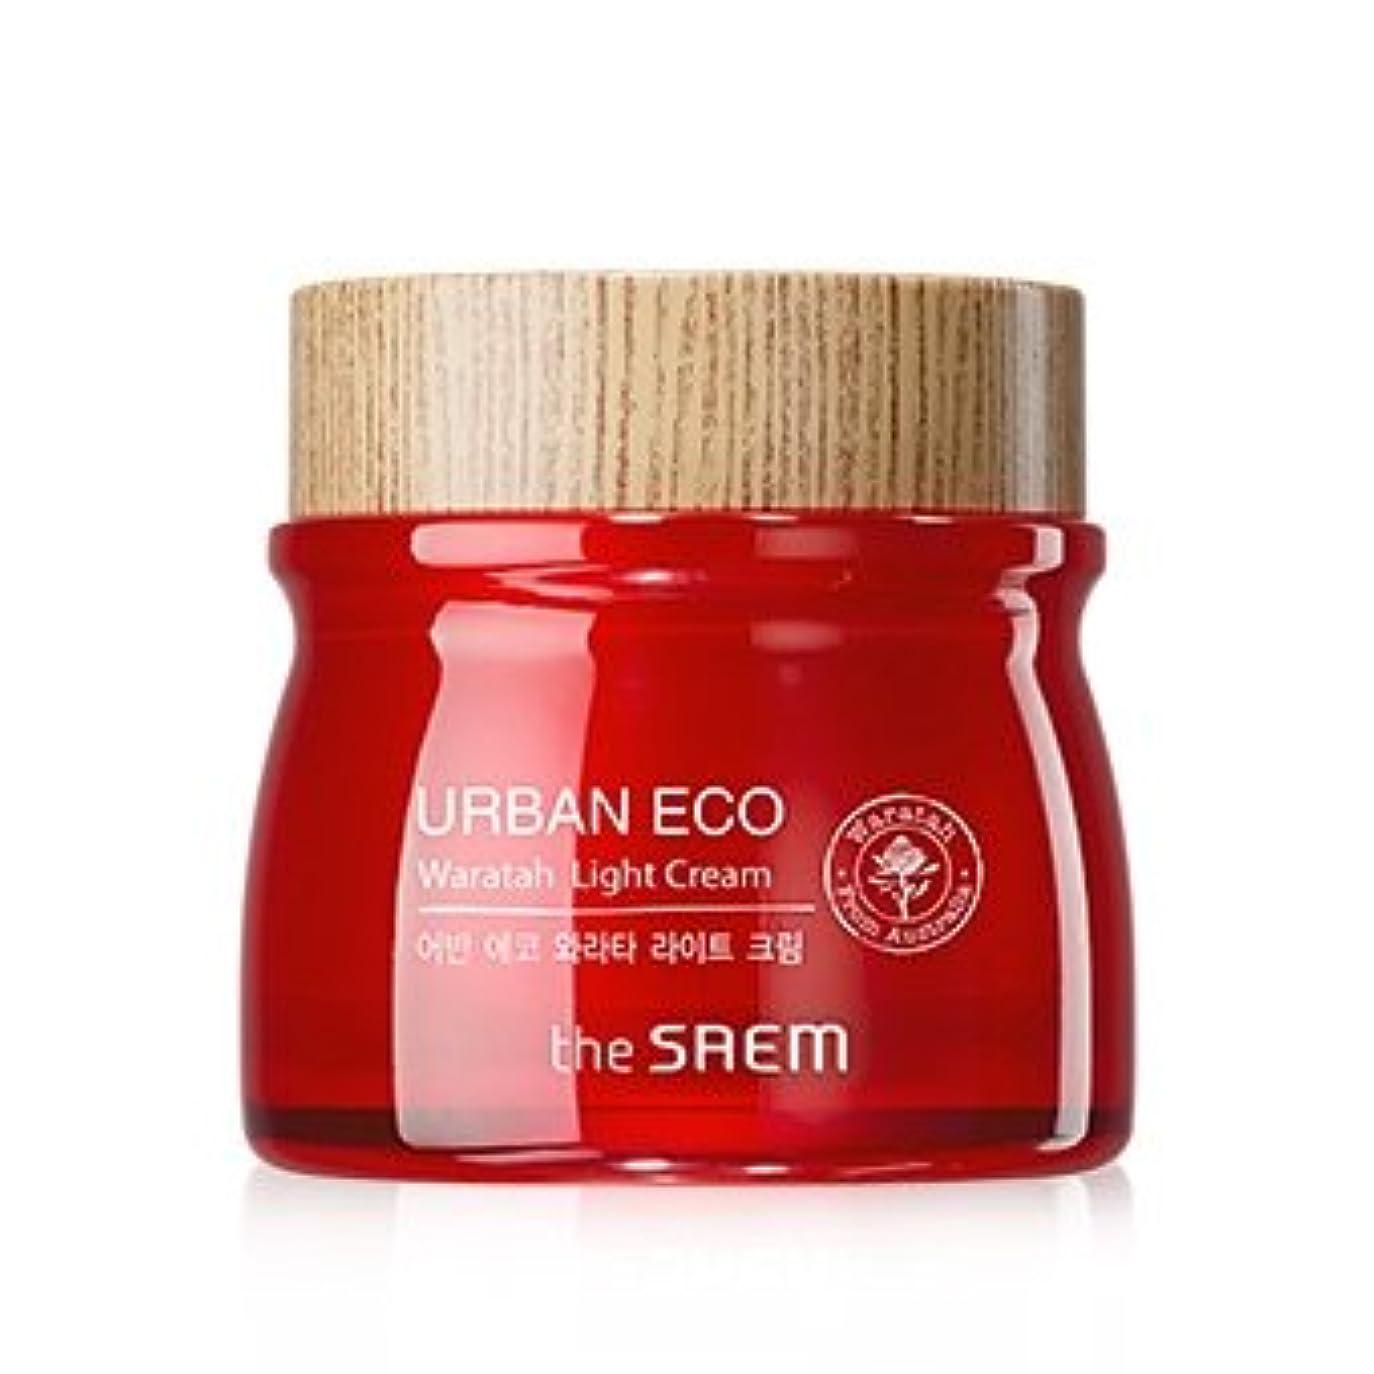 対処する上記の頭と肩マントThe Saem Urban Eco Waratah Light Cream 60ml ドセム アーバンエコワラターライトクリーム60ml[並行輸入品]